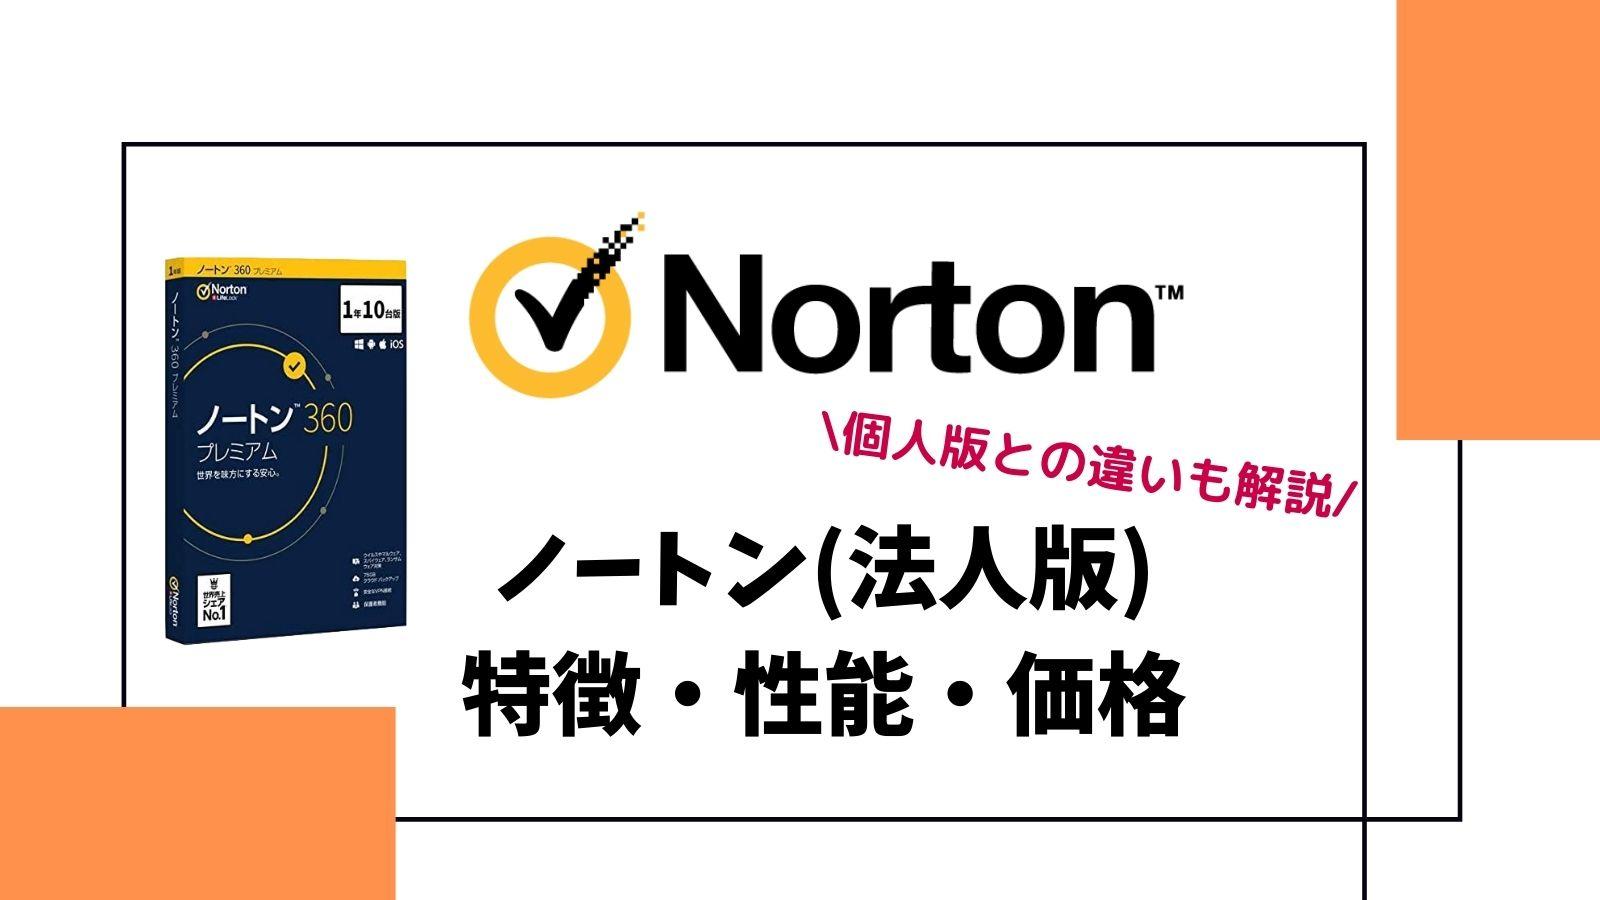 【ノートン360】法人向け製品の特長!個人用との違いも徹底解説